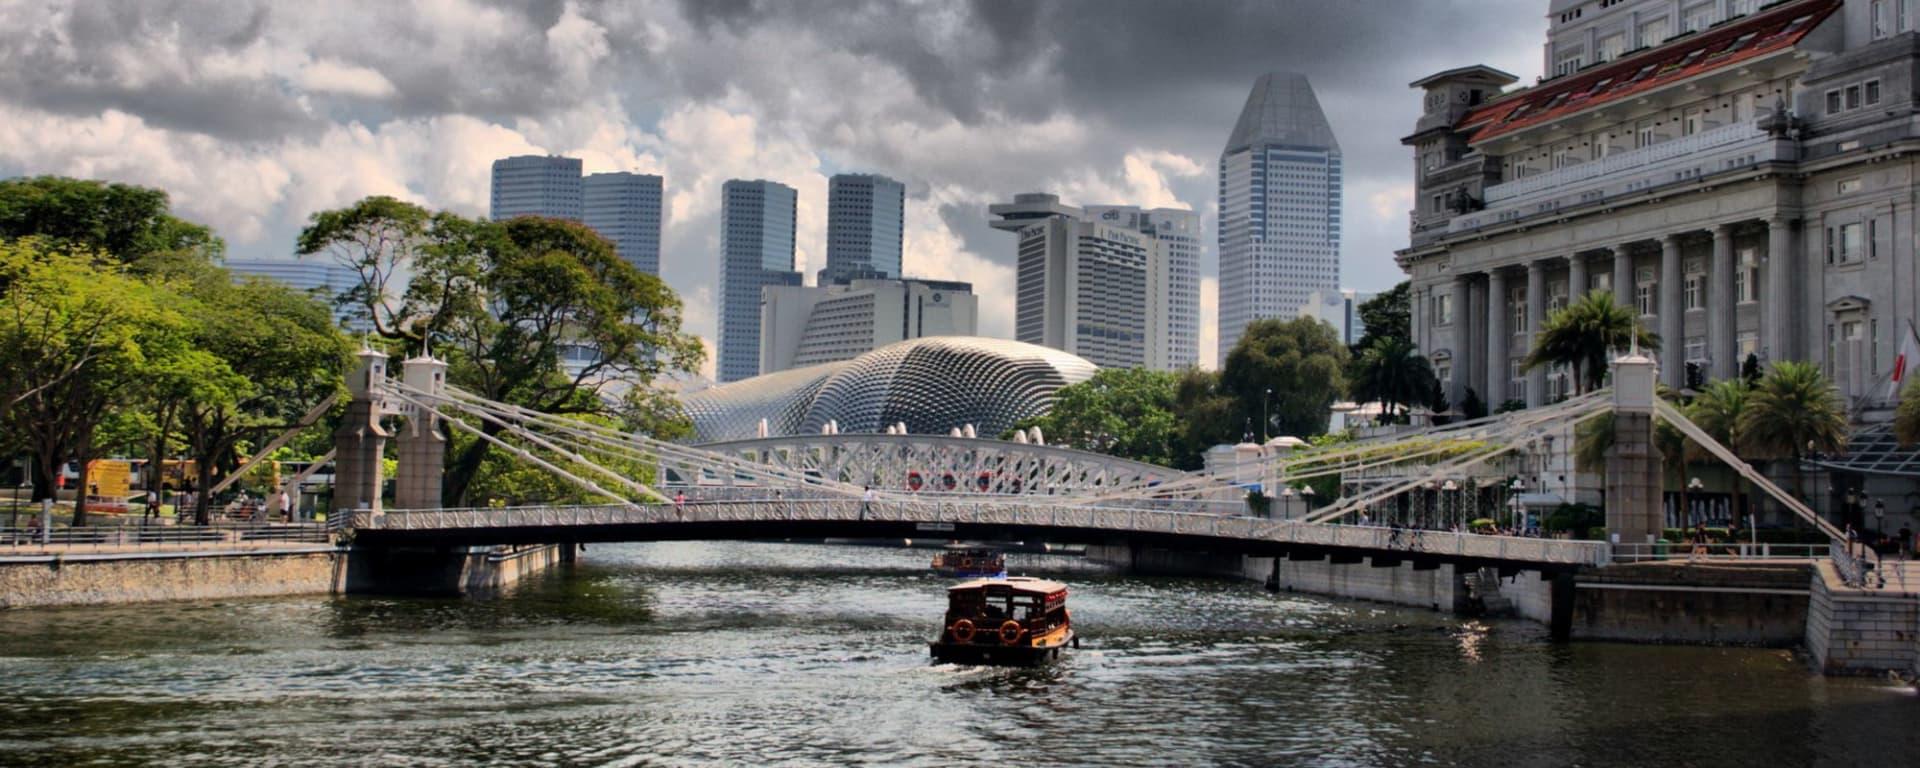 Wissenswertes zu Singapur Reisen und Ferien: Fullerton Bridge